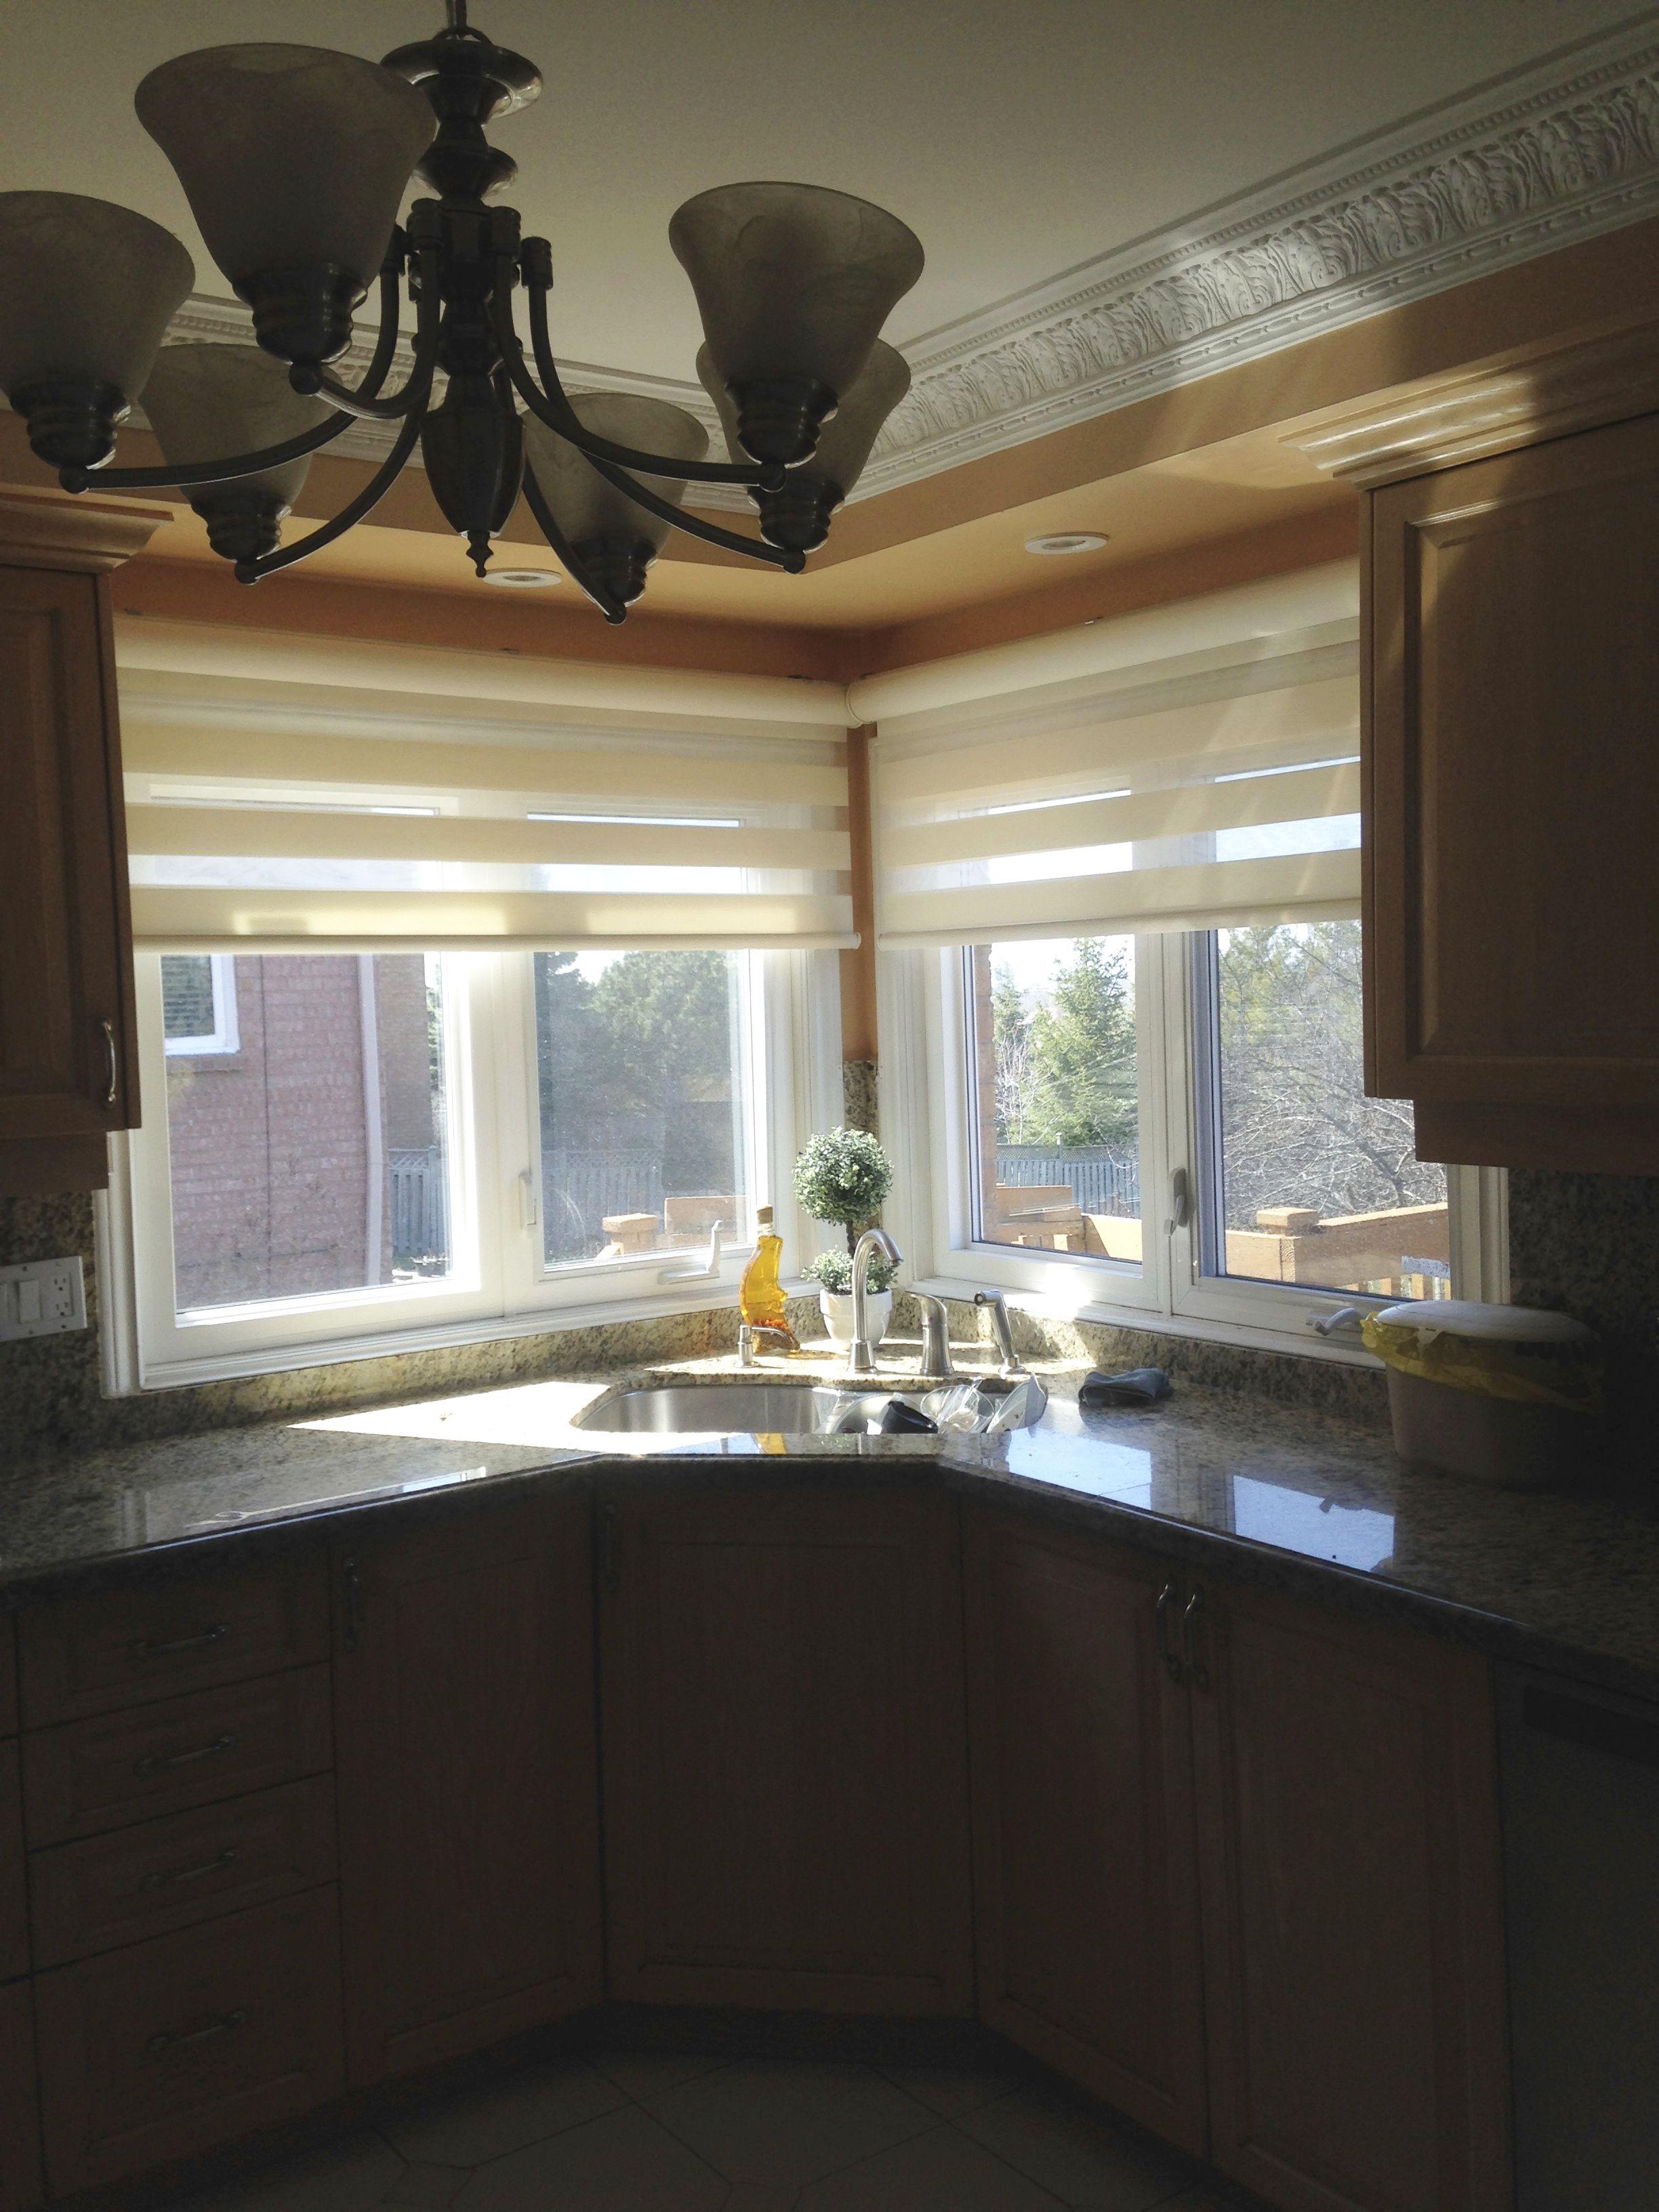 Corner Window In Kitchen Over The Sink With Combi Blinds Sliding Door Window Coverings Sliding Patio Doors Blinds